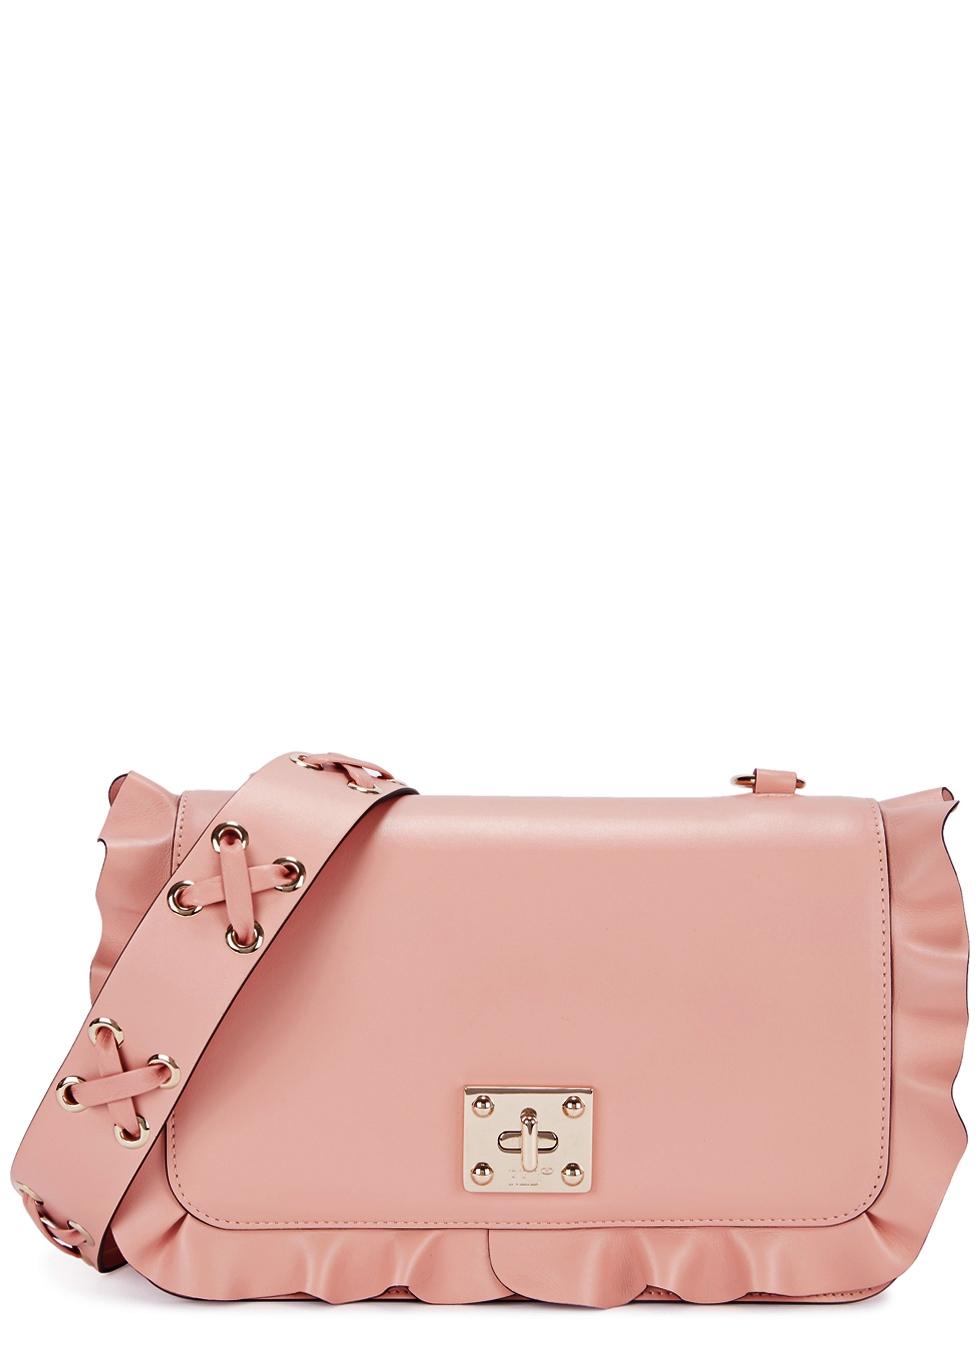 Rock Ruffles Blush Leather Shoulder Bag, Rose